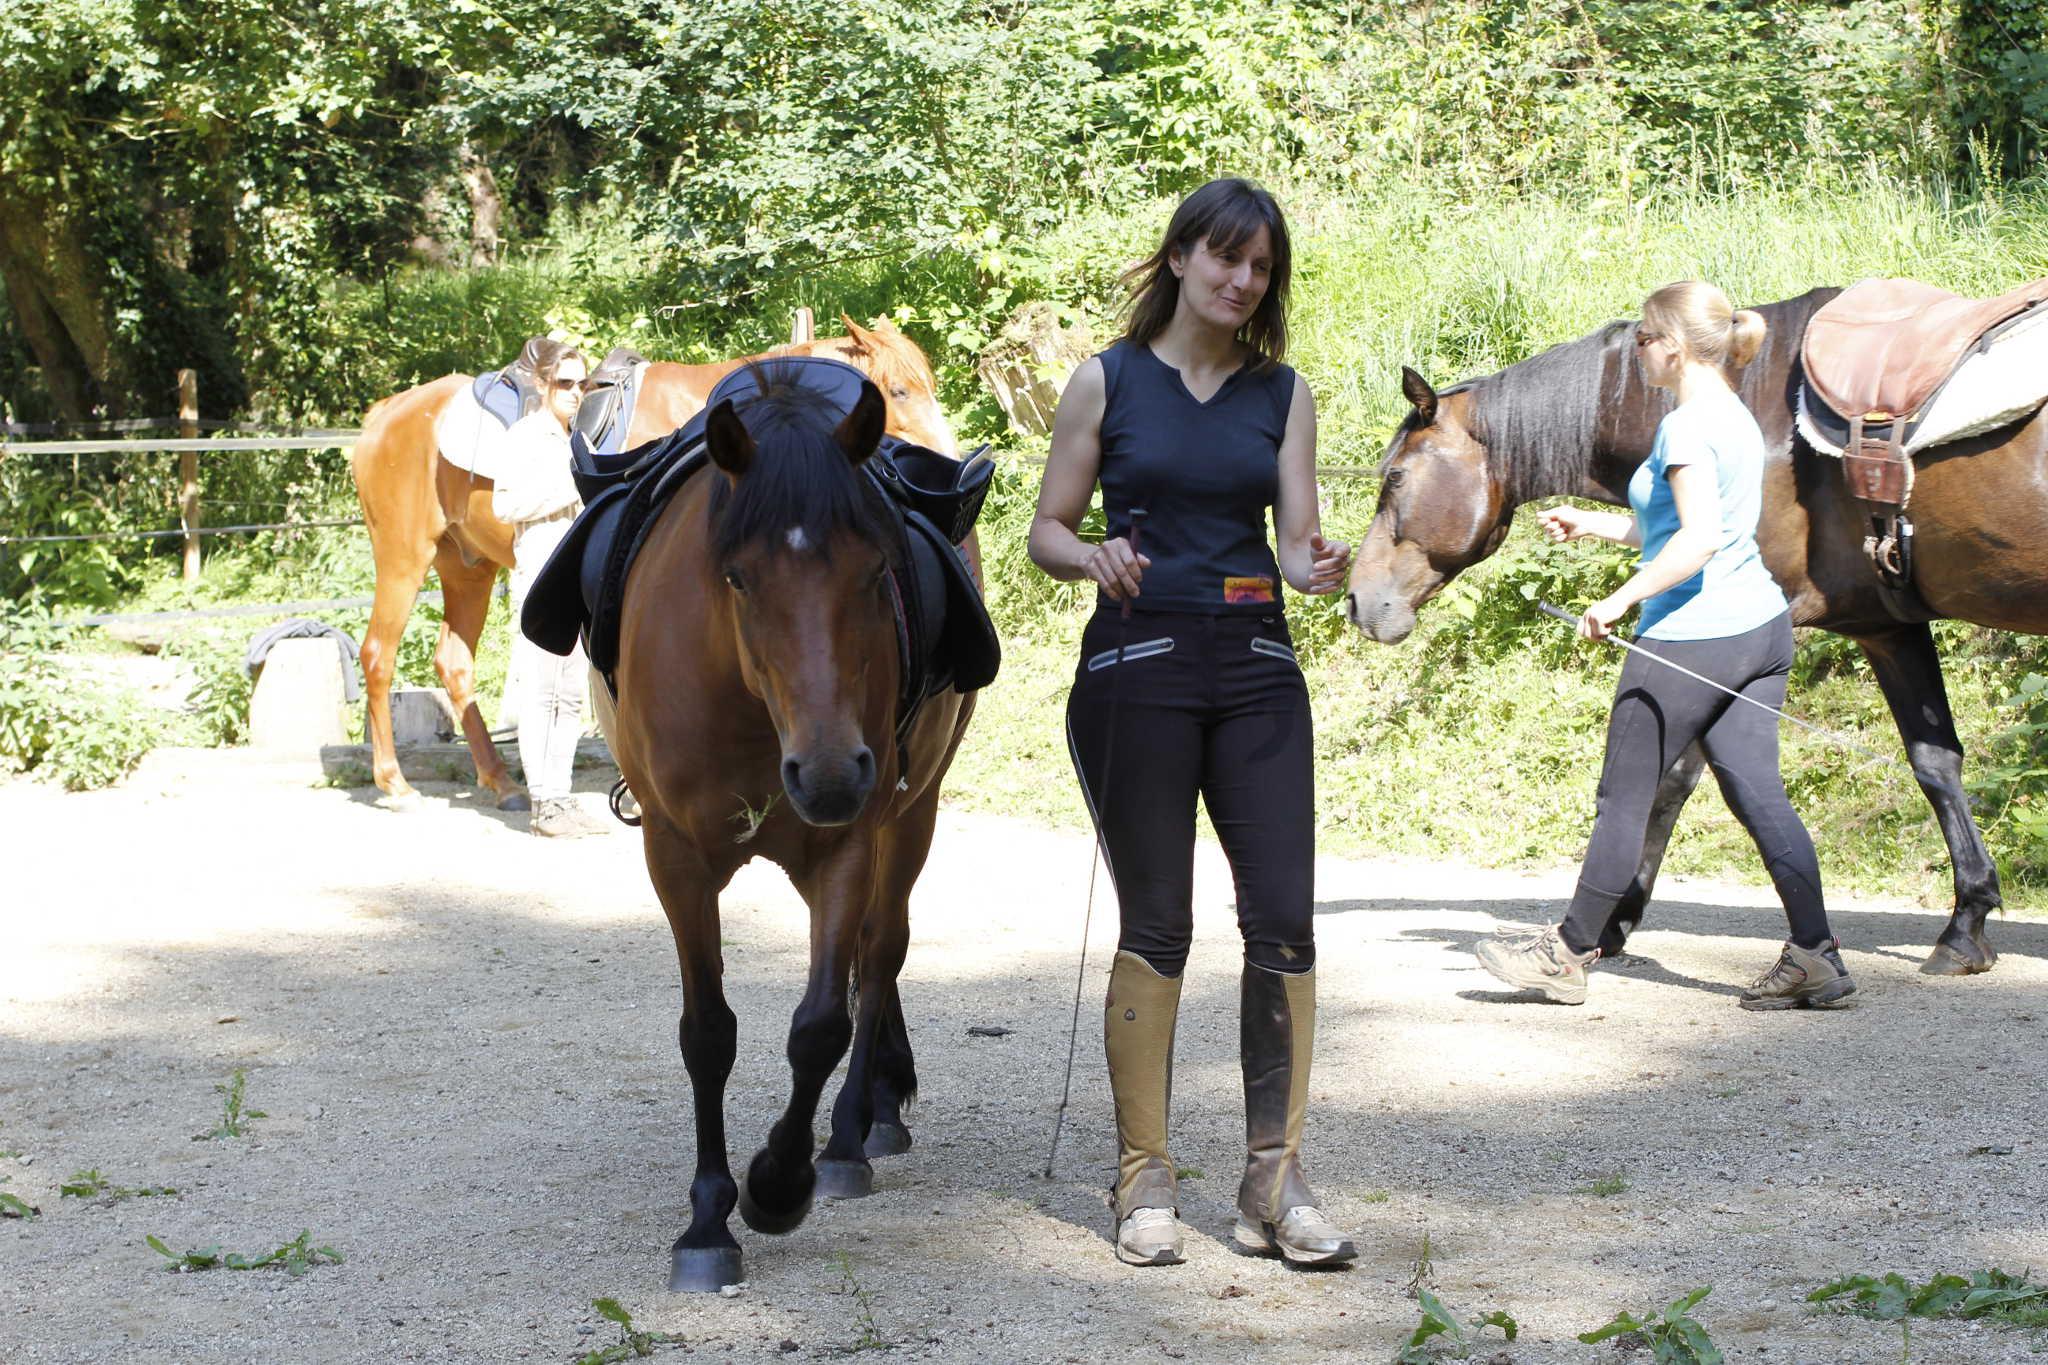 cours à trois chevaux en liberté au sol